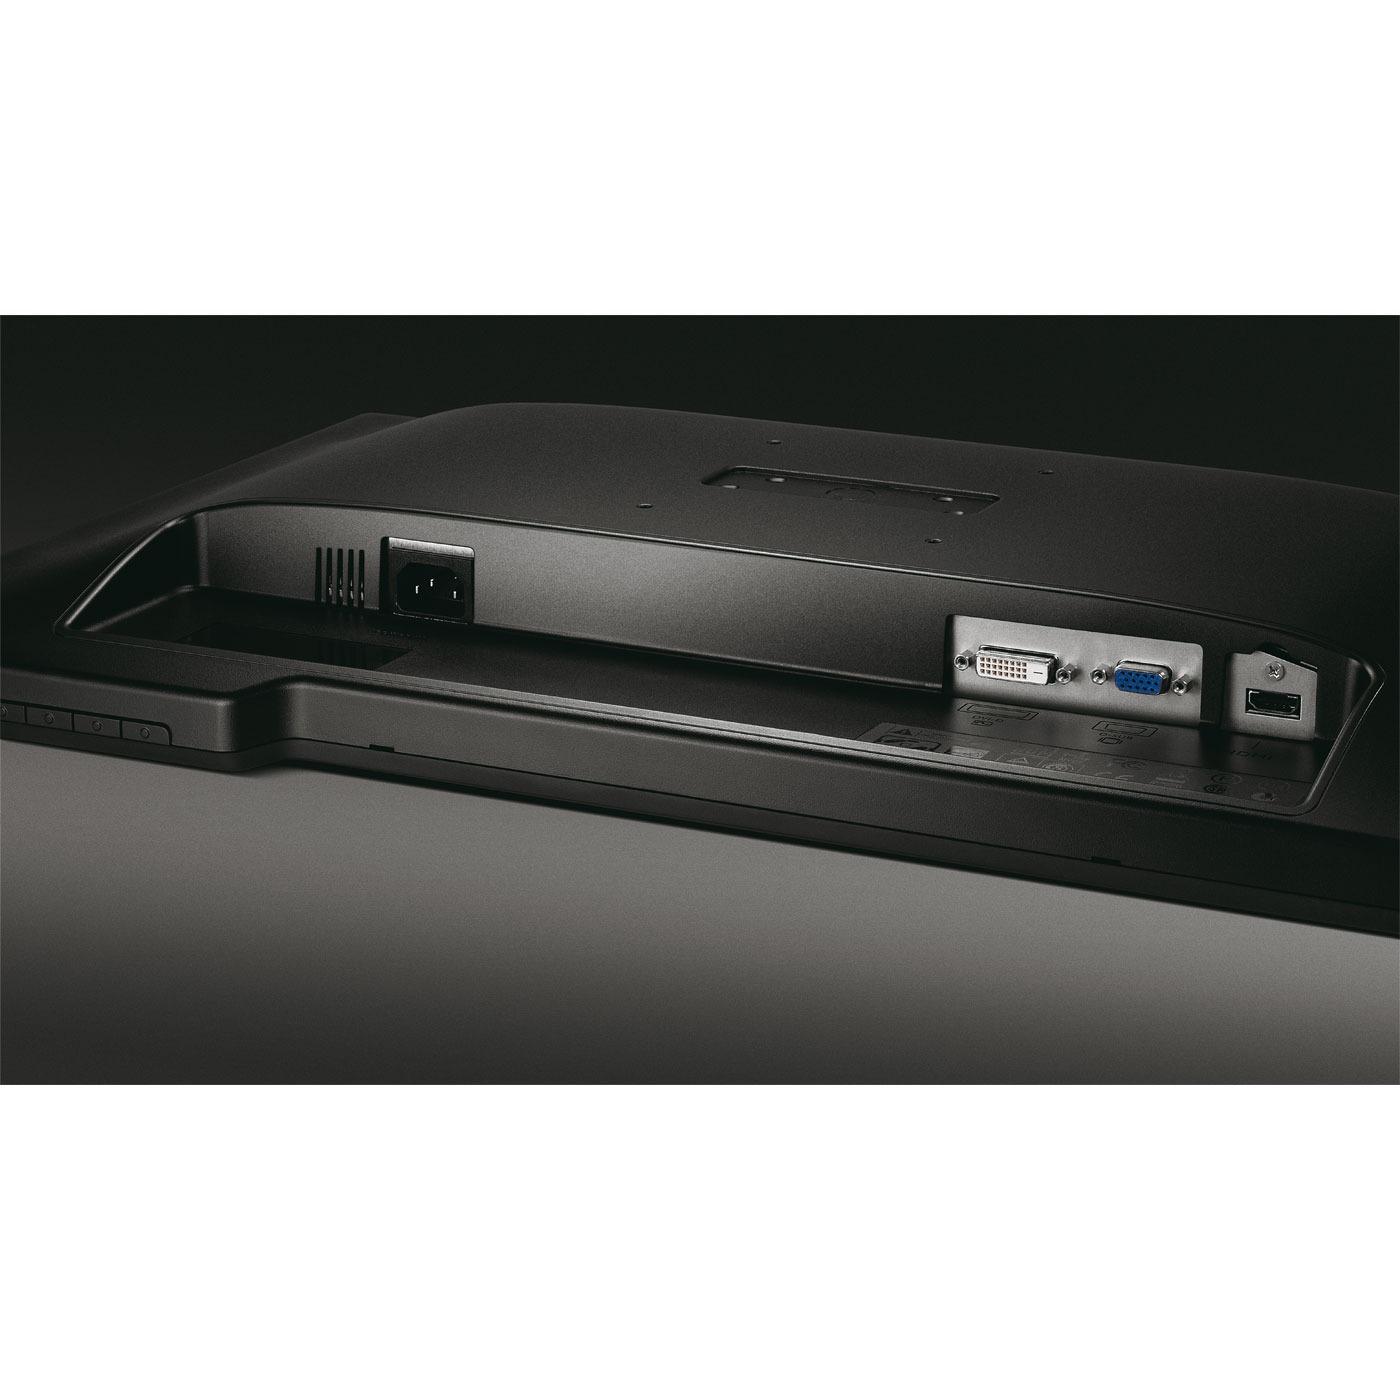 """Ecran PC BenQ 23.6"""" LED - XL2410T 1920 x 1080 pixels - 2 ms (gris à gris) - Format large 16/9 - HDMI - 120 Hz - 3D Ready"""